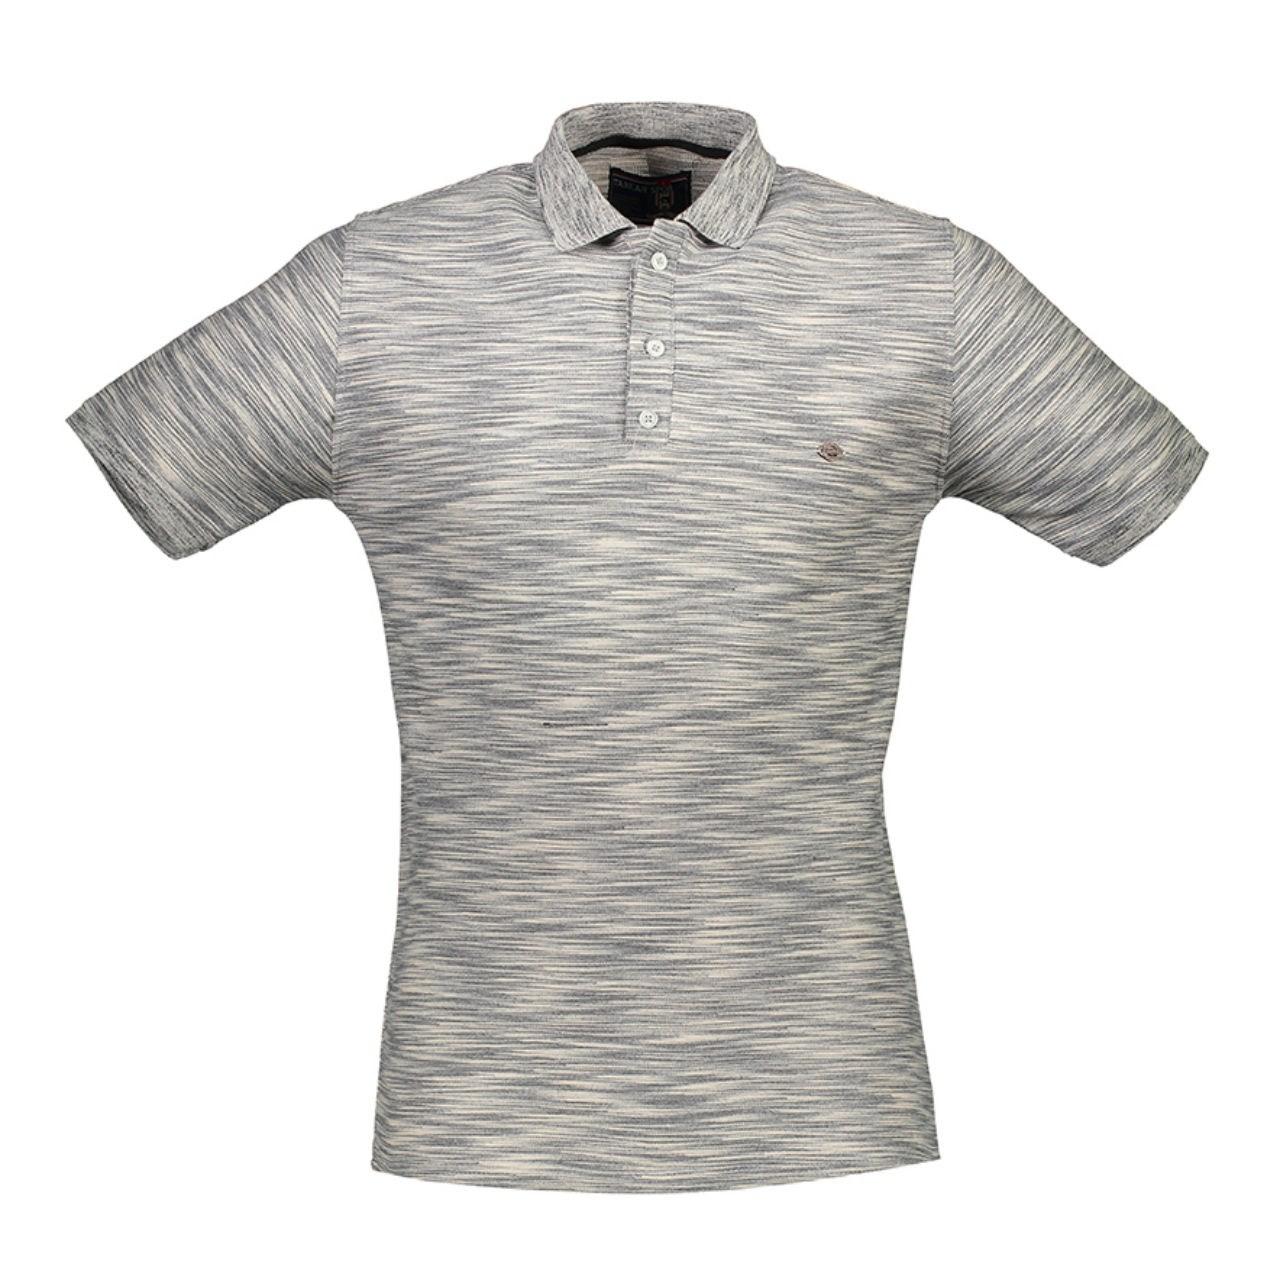 تی شرت آستین کوتاه تارکان کد 138-3